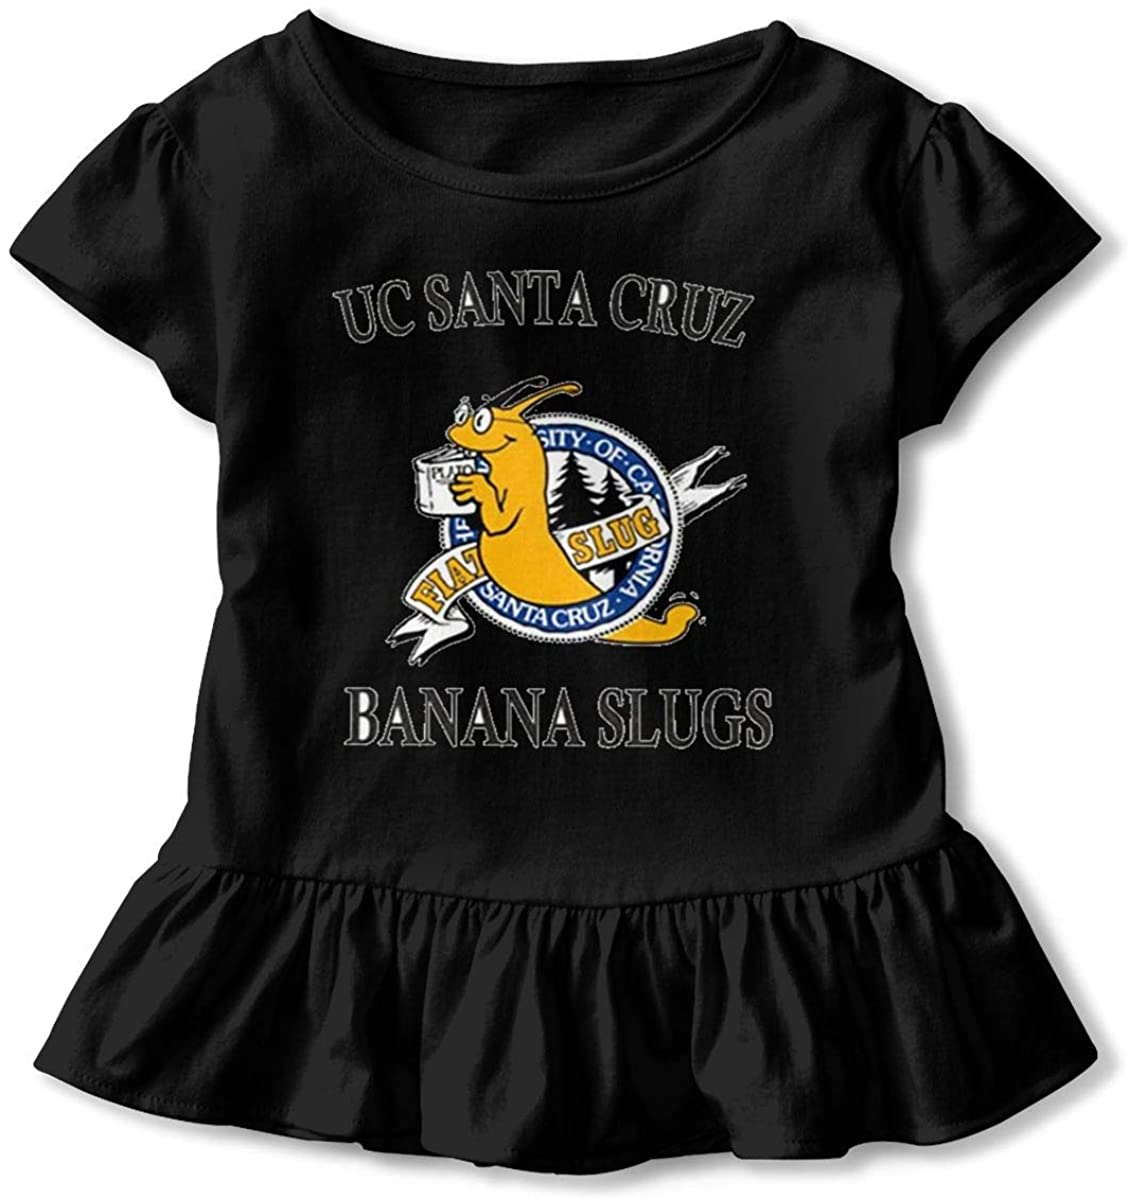 AP.Room Uc Santa Cruz Banana Slug Baby Girls Basic Shirts Toddler Short Sleeve T-Shirts Essential Ruffle T-Shirt